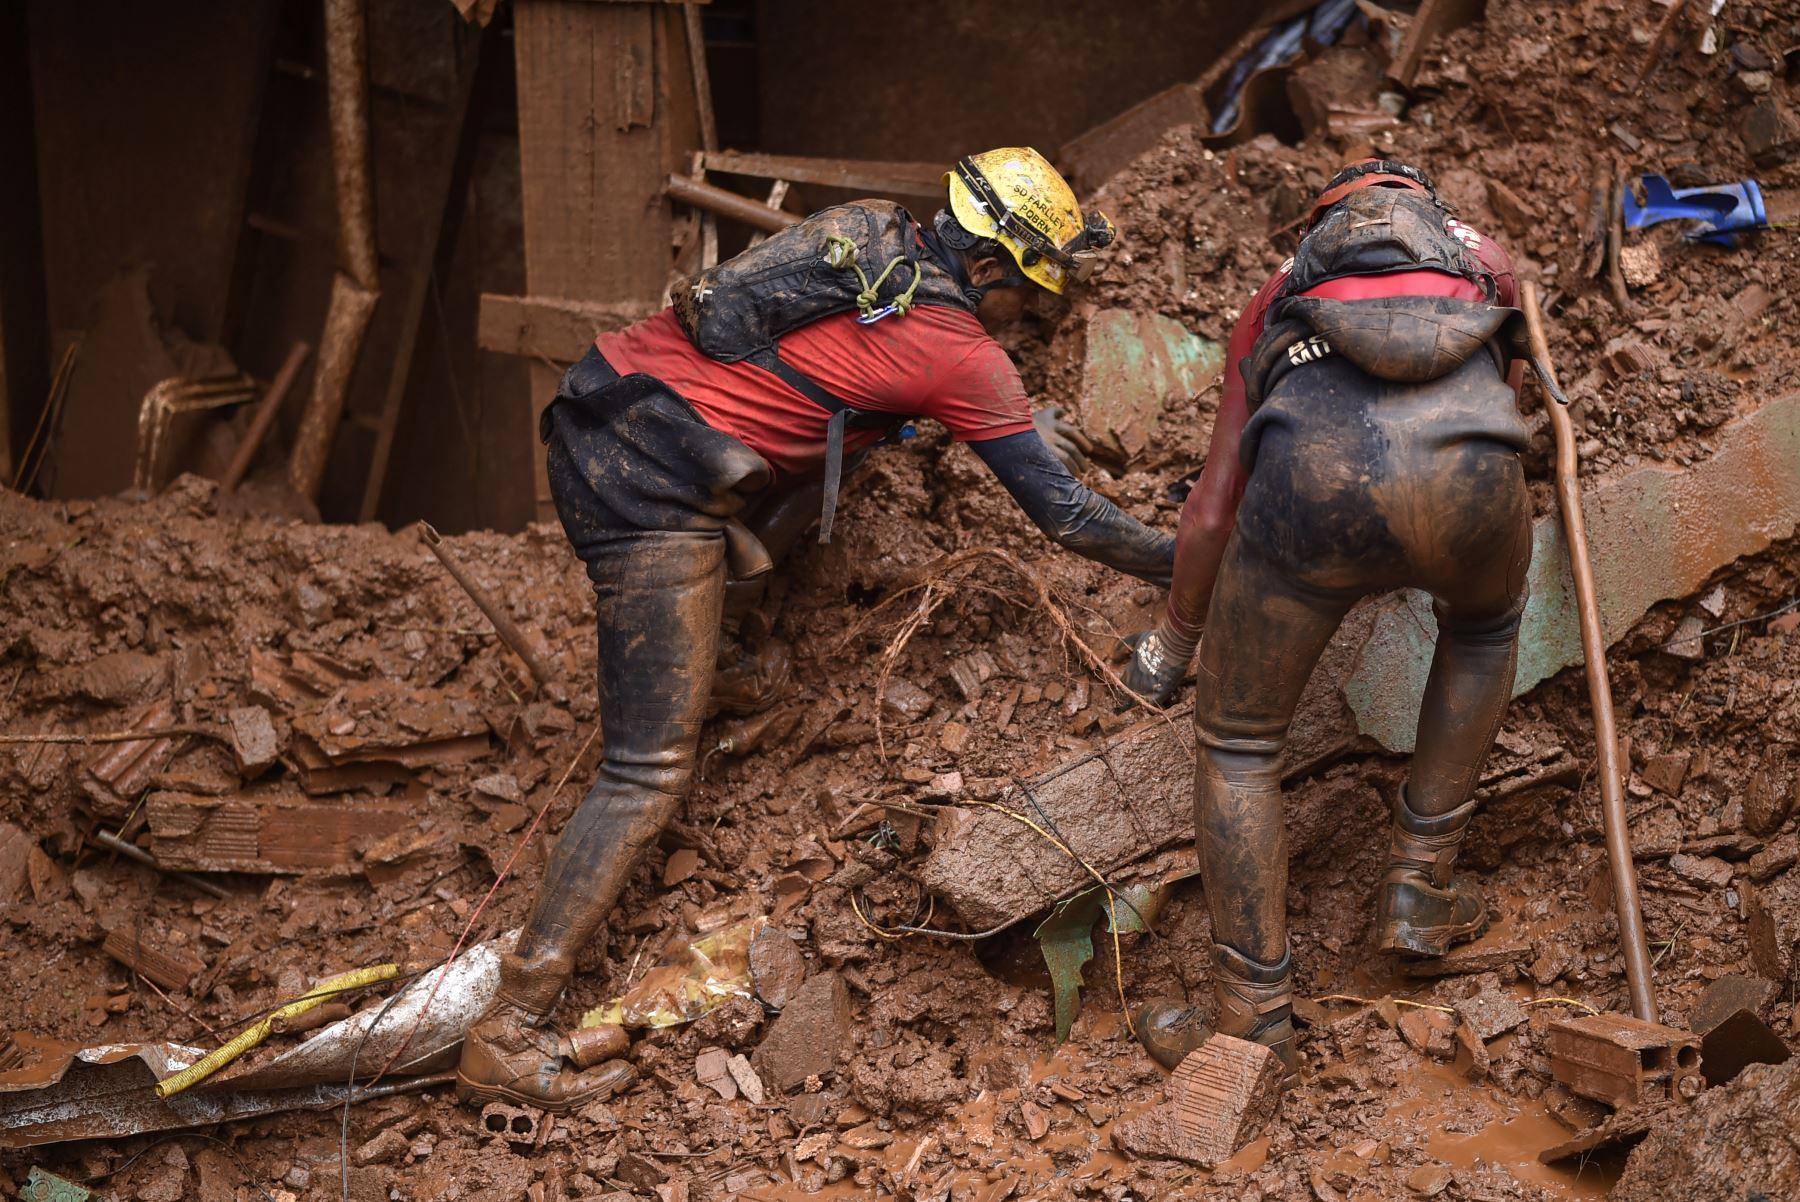 Los bomberos buscan personas desaparecidas después de un deslizamiento de tierra en Vila Bernadete, Belo Horizonte, estado de Minas Gerais, Brasil. AFP